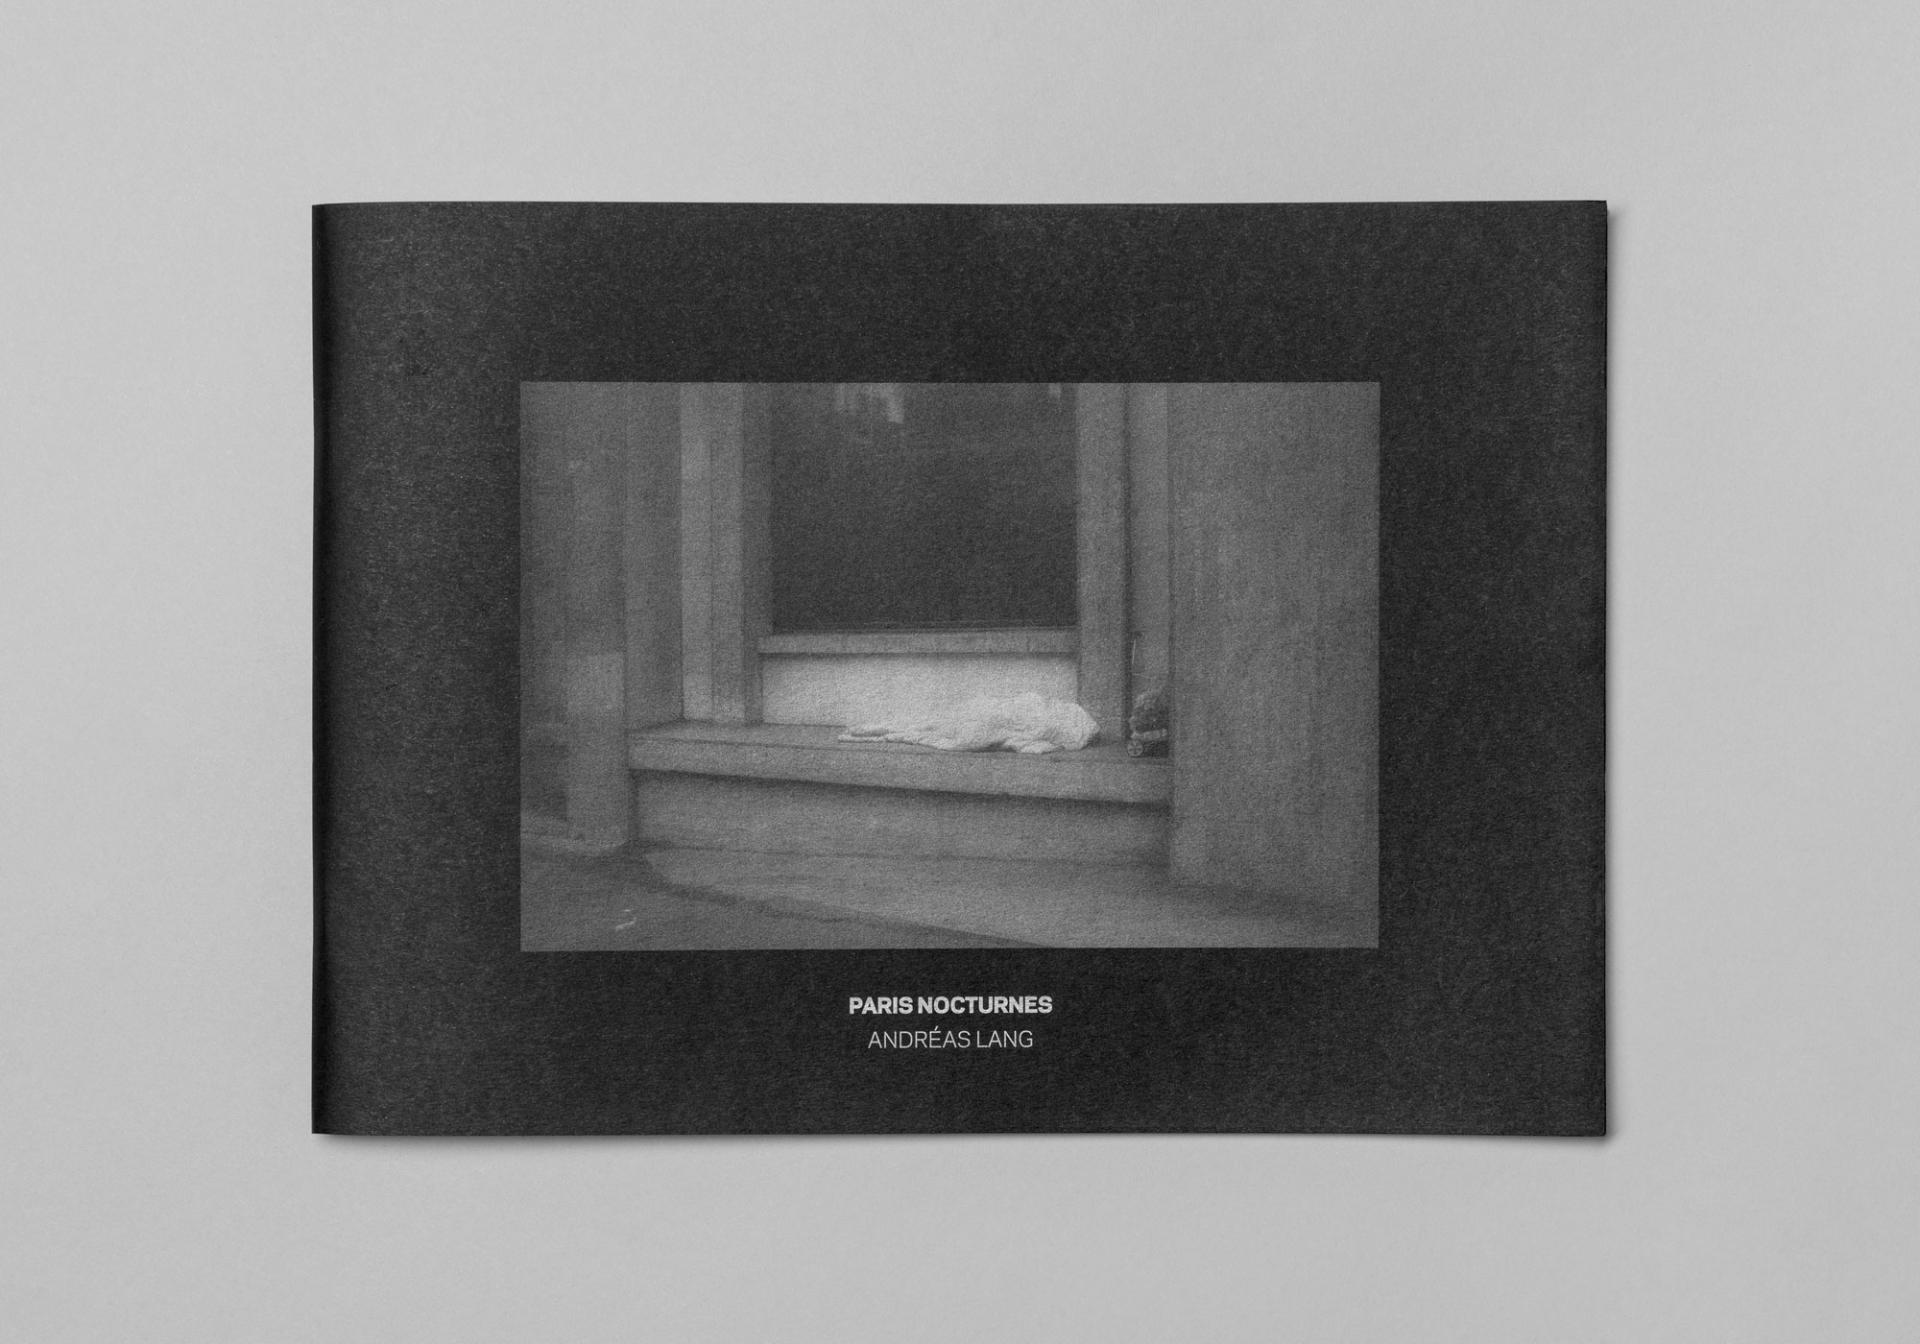 Paris Nocturnes